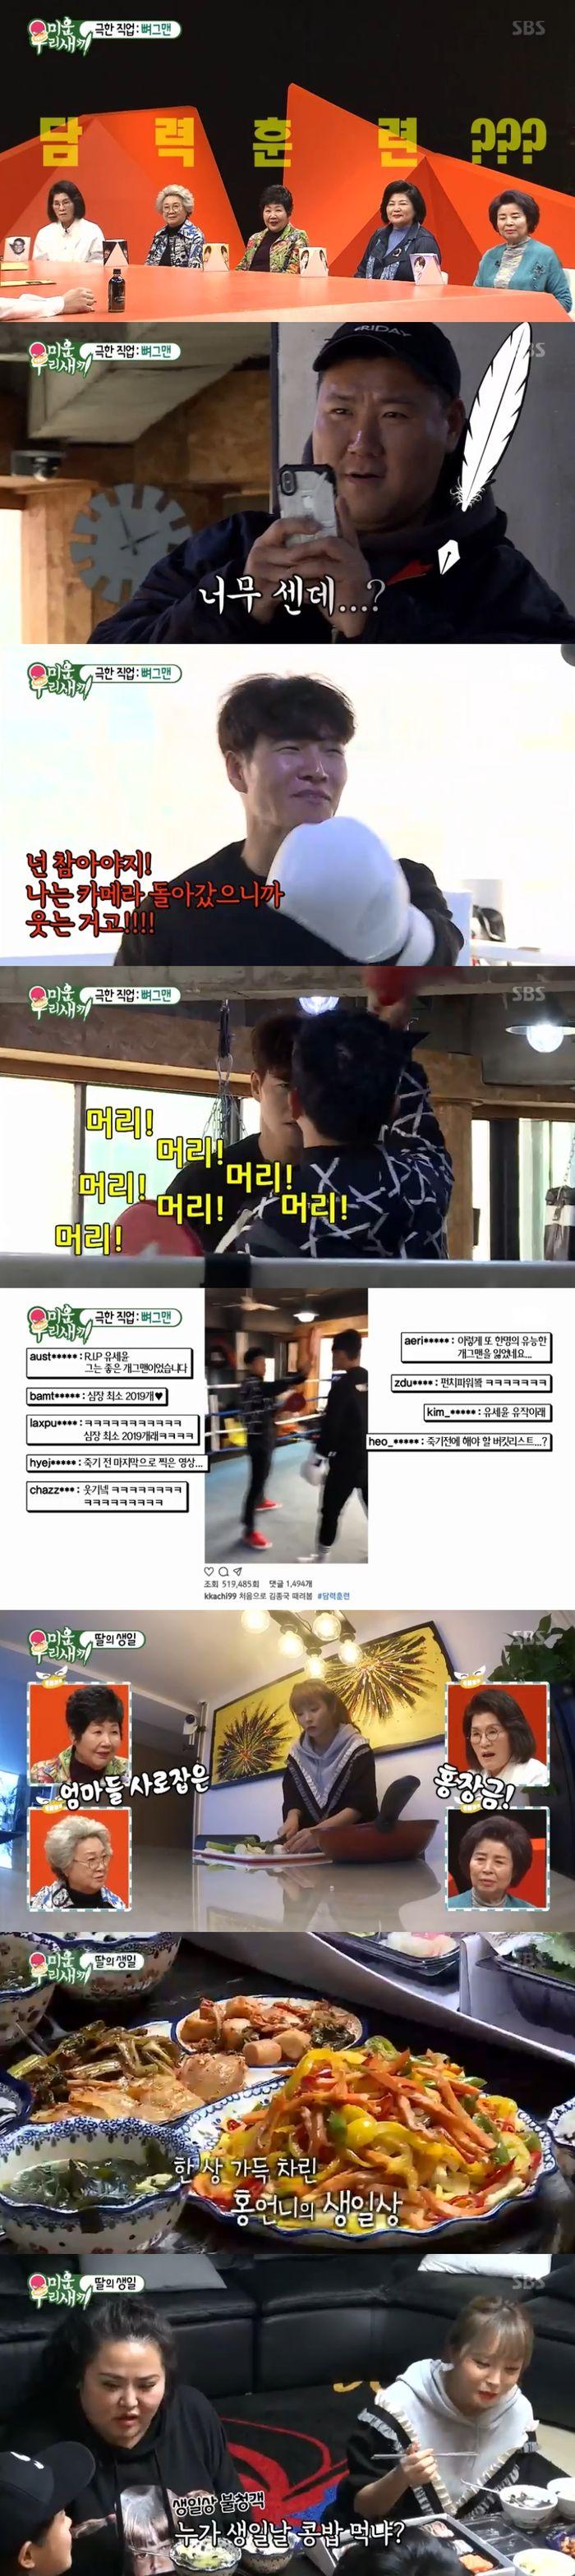 [스브스夜] '미우새' 김종국X유세윤 '처음으로 김종국 때려봄' 담력훈련 동영상 제작  기본이미지